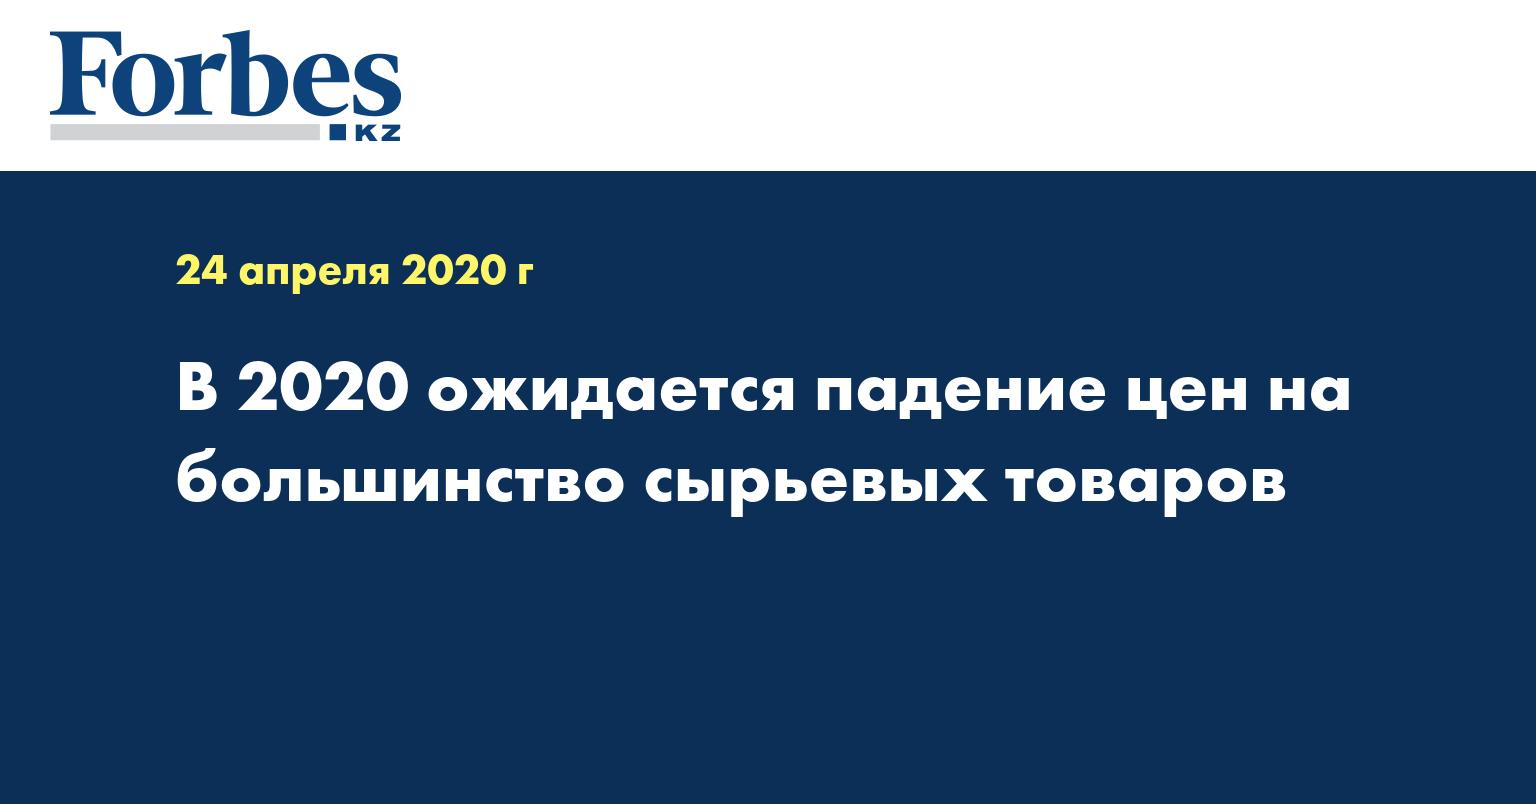 В 2020 ожидается падение цен на большинство сырьевых товаров